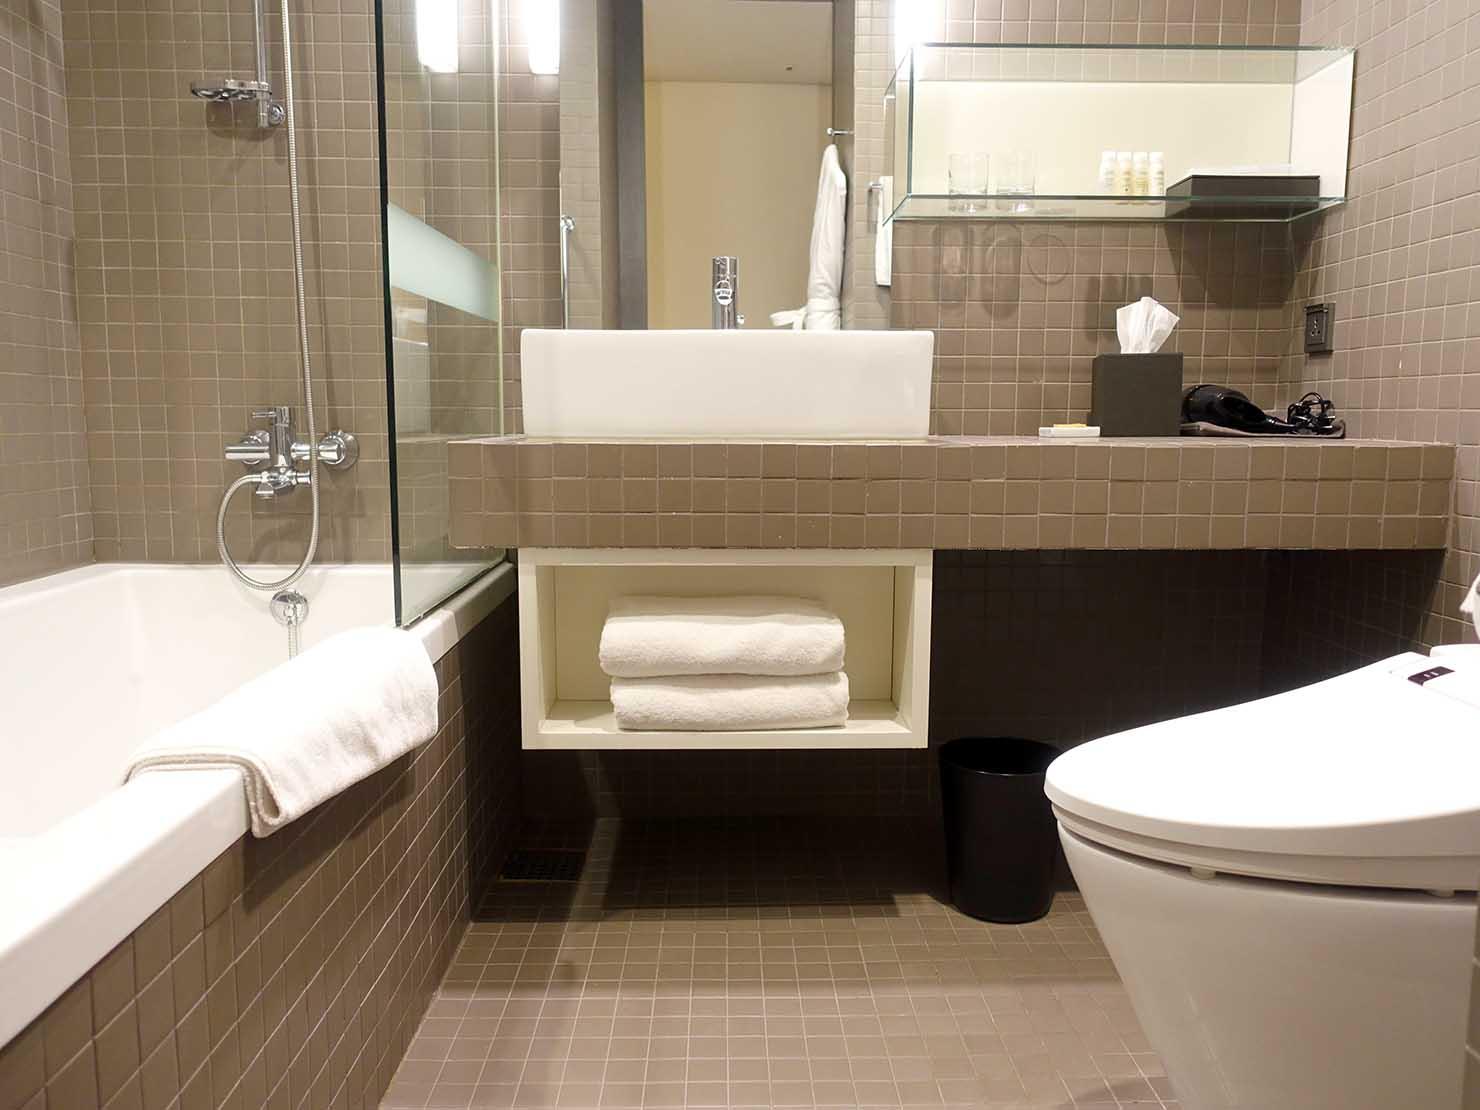 ソウル観光に超便利なアクセス抜群の特2級ホテル「新羅ステイ麻浦 Shilla Stay Mapo」スタンダードツインのバスルーム